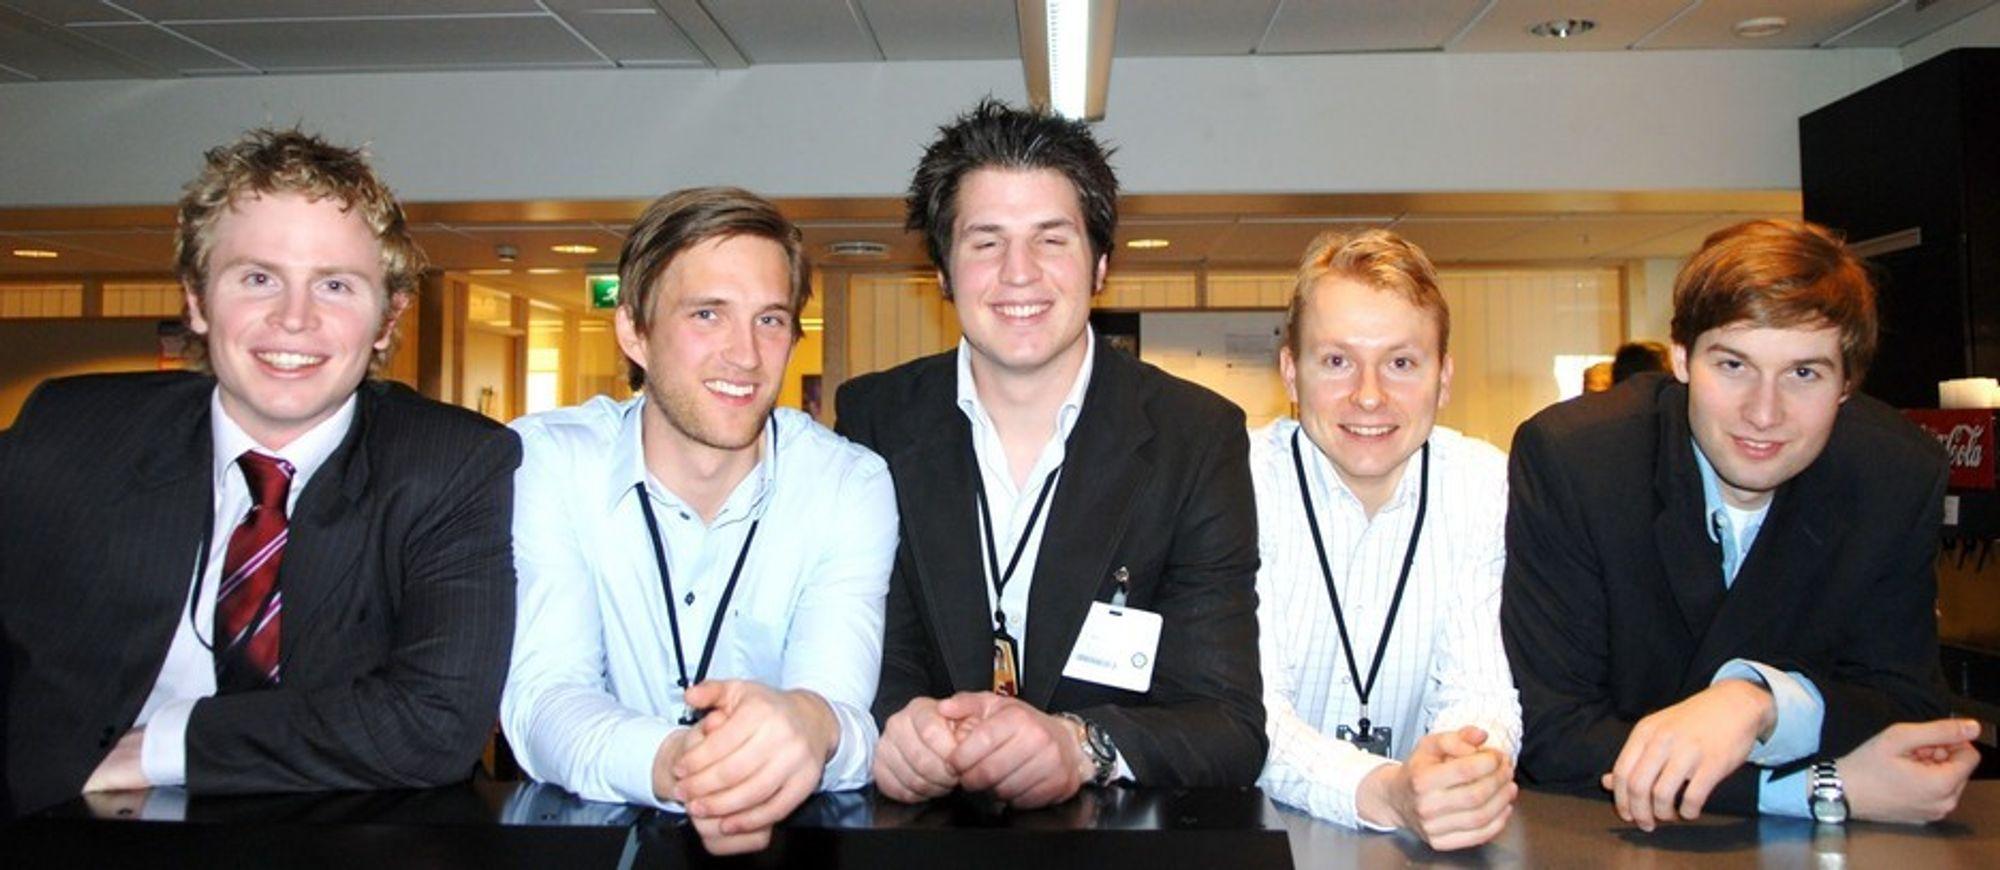 Shells team i Young Professionals-konkurransen. Fra venstre Iain McNeill (Storbritannia), Fredrik Holdhus, Oliver Harding (Storbritannia), Eivind Granås og Jorrit Glastra (Nederland). Xenia Arkhipova (Russland) var ikke tilstede.